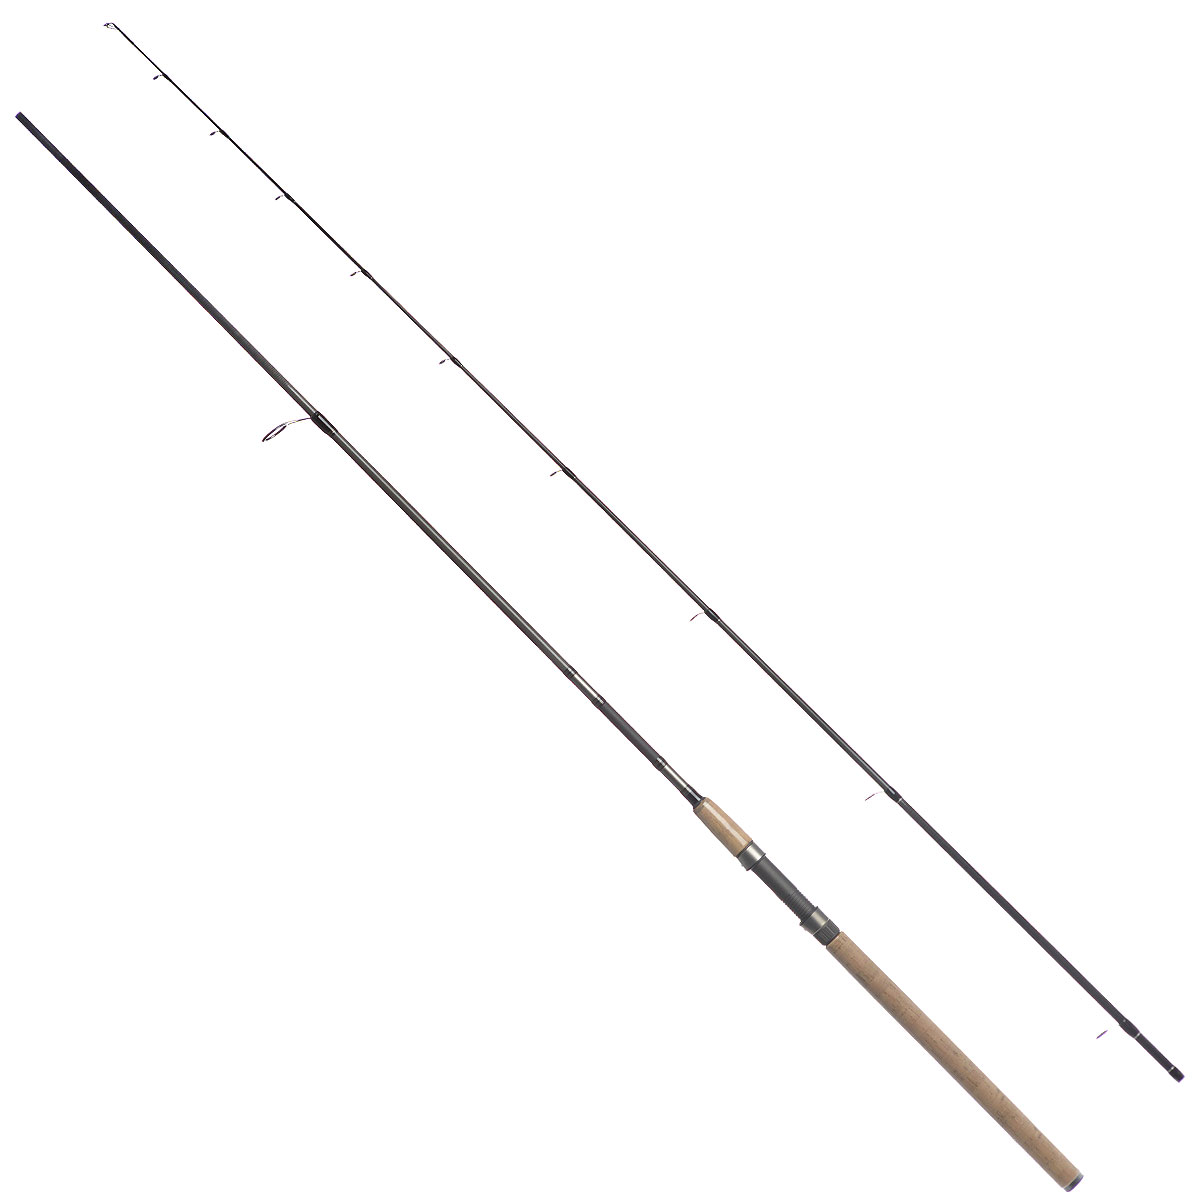 Спиннинг штекерный Daiwa Exceler-RU, 2,90 м, 5-15 г удилище daiwa exceler ru 902mhfs 2 74m